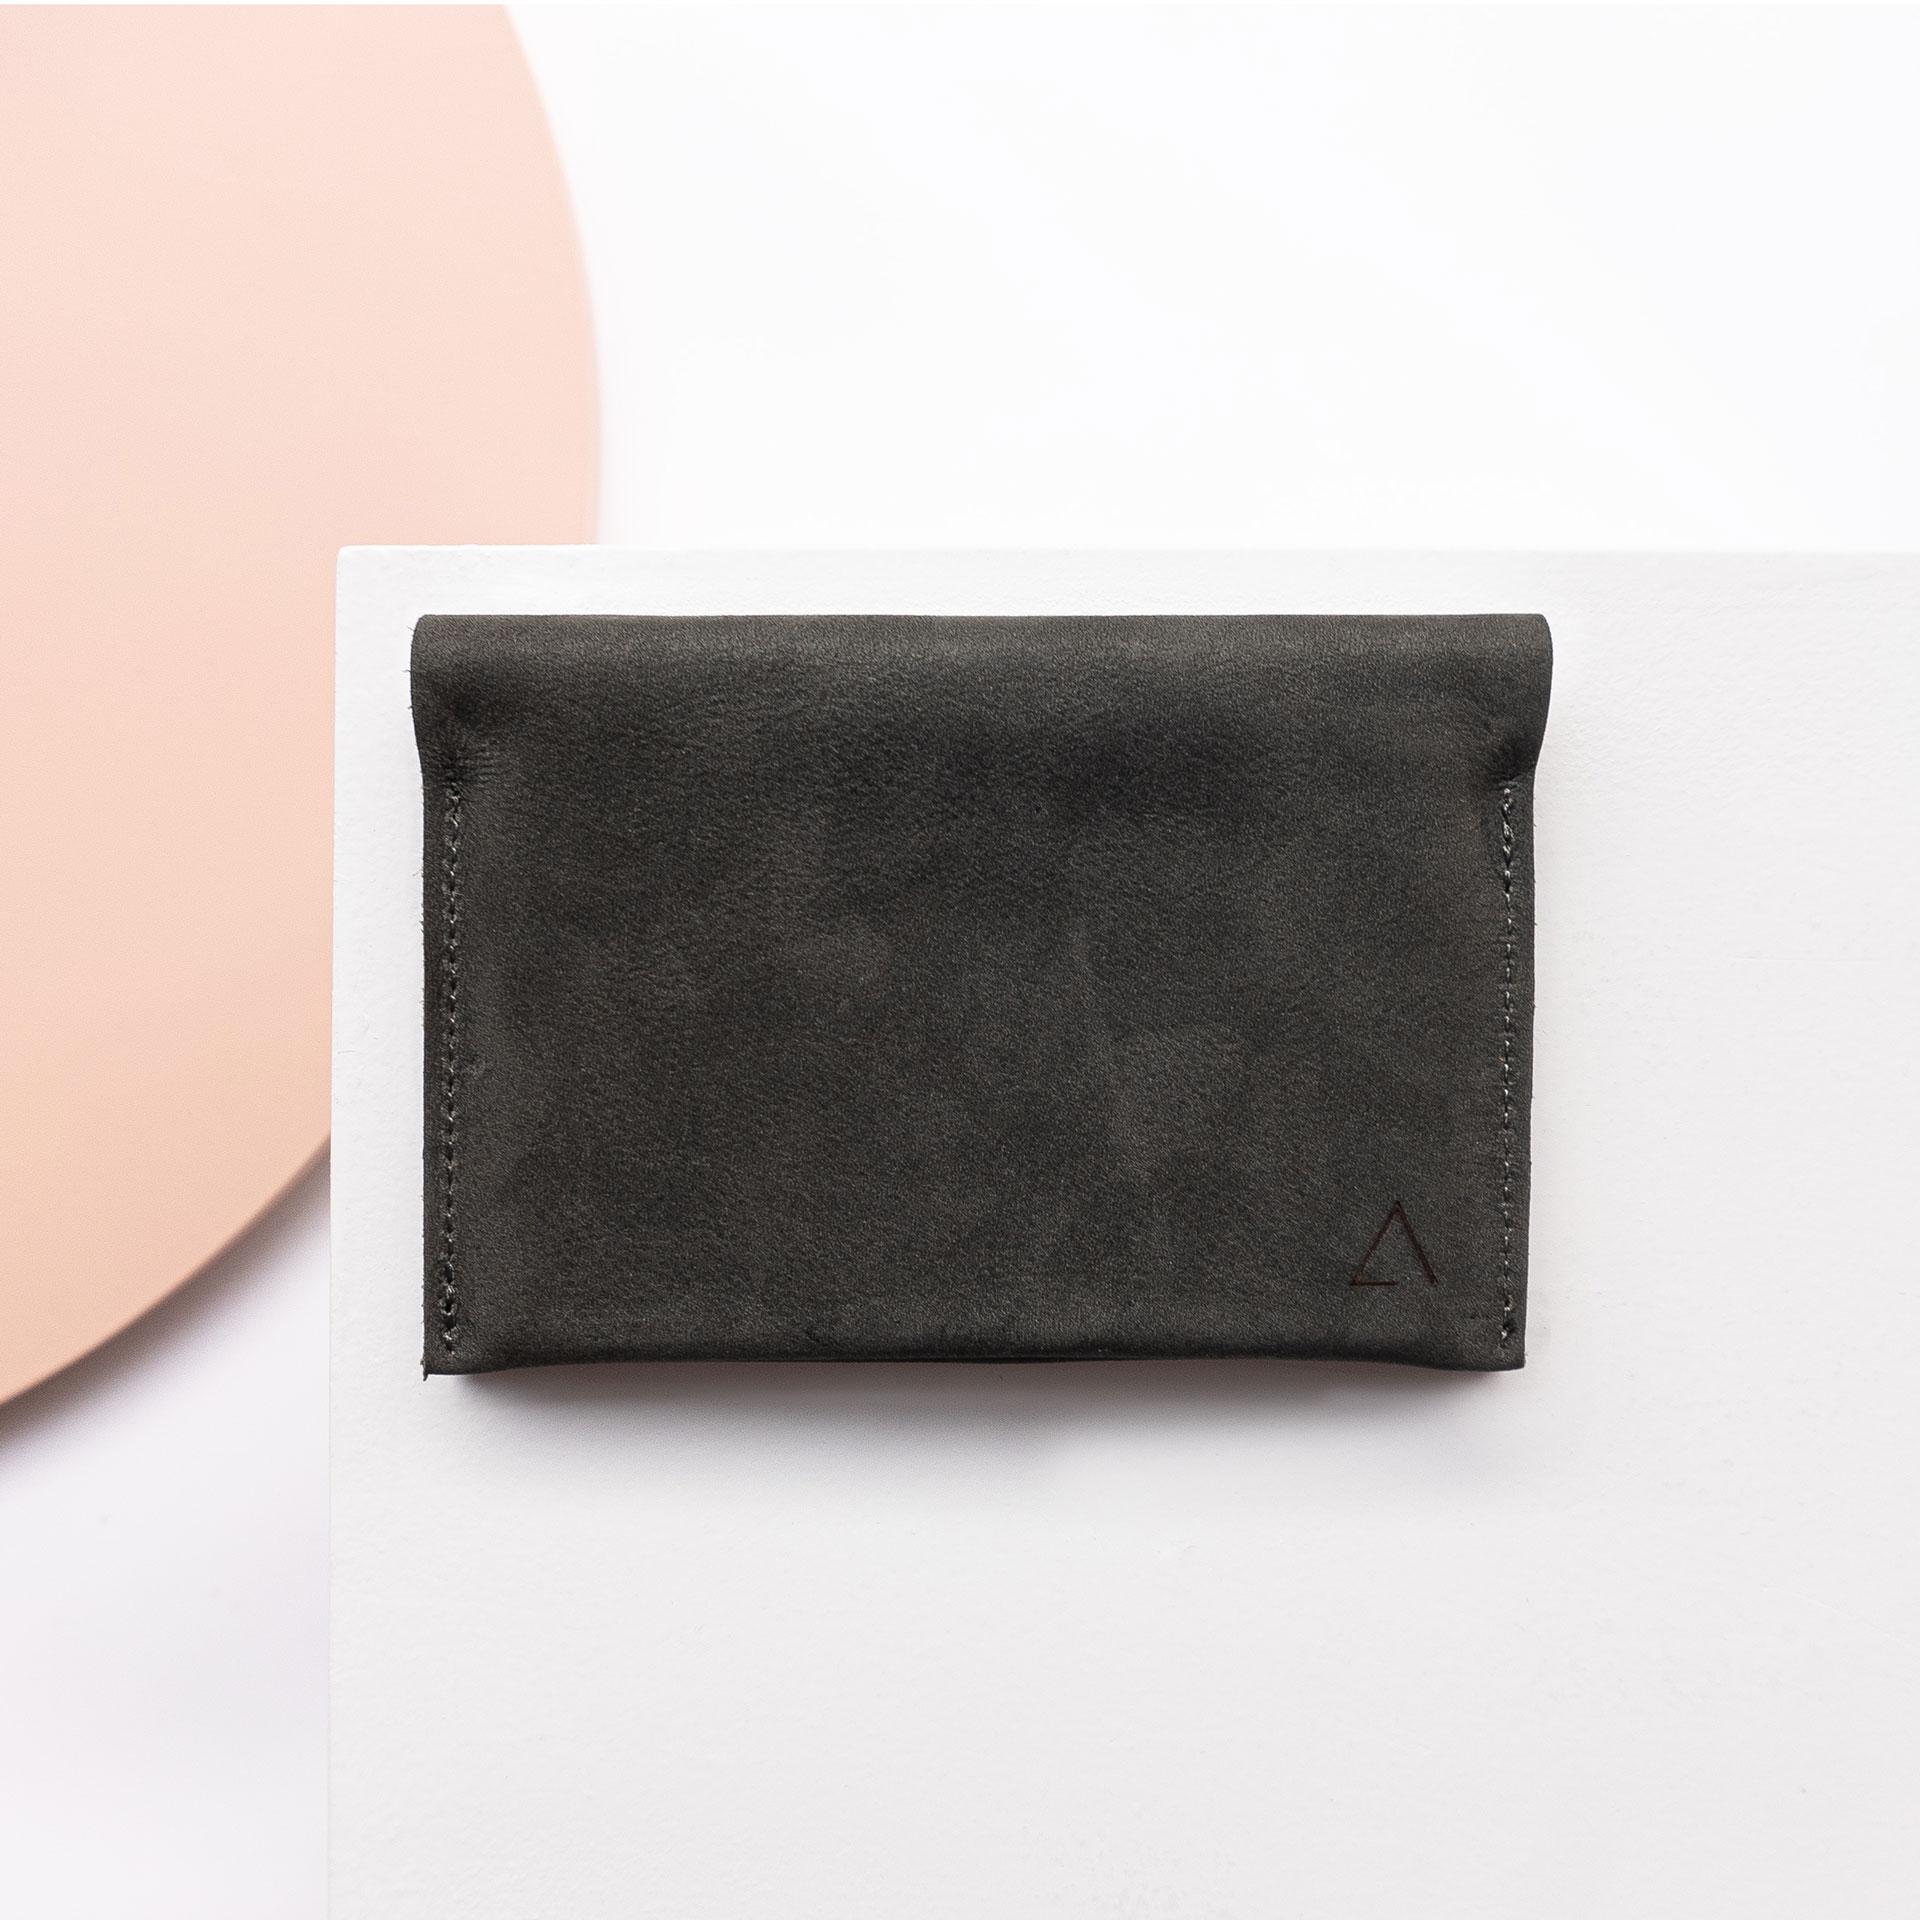 Portemonnaie OLI LARGE aus Naturleder in Kohle von vorn mit Logoprägung